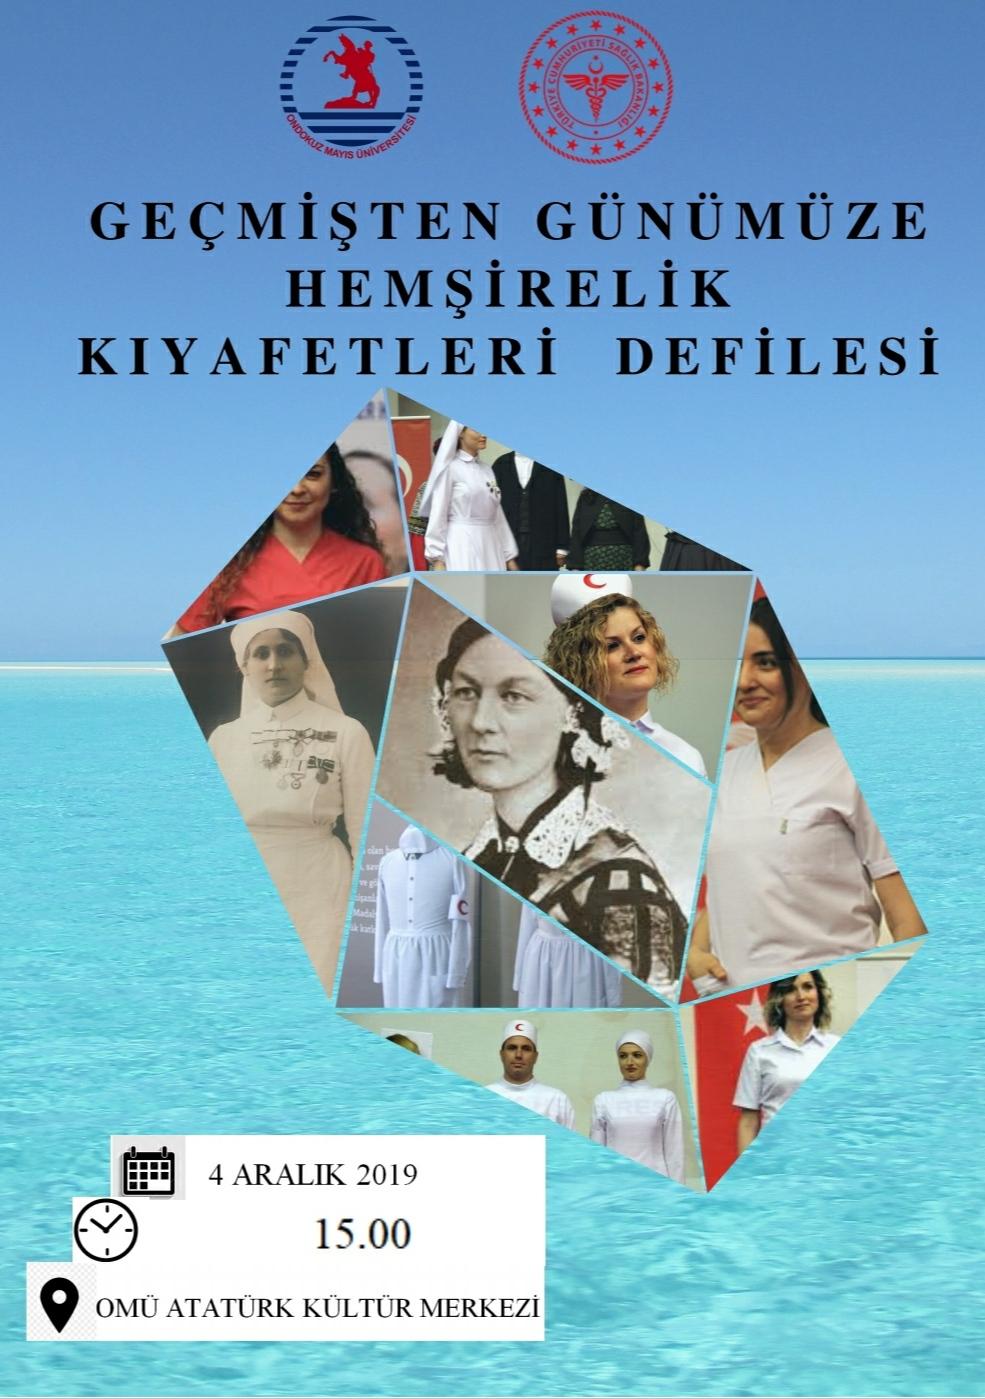 http://www.omu.edu.tr/sites/default/files/gecmisten_gunumuze_hemsirelik_kiyafetleri.jpeg